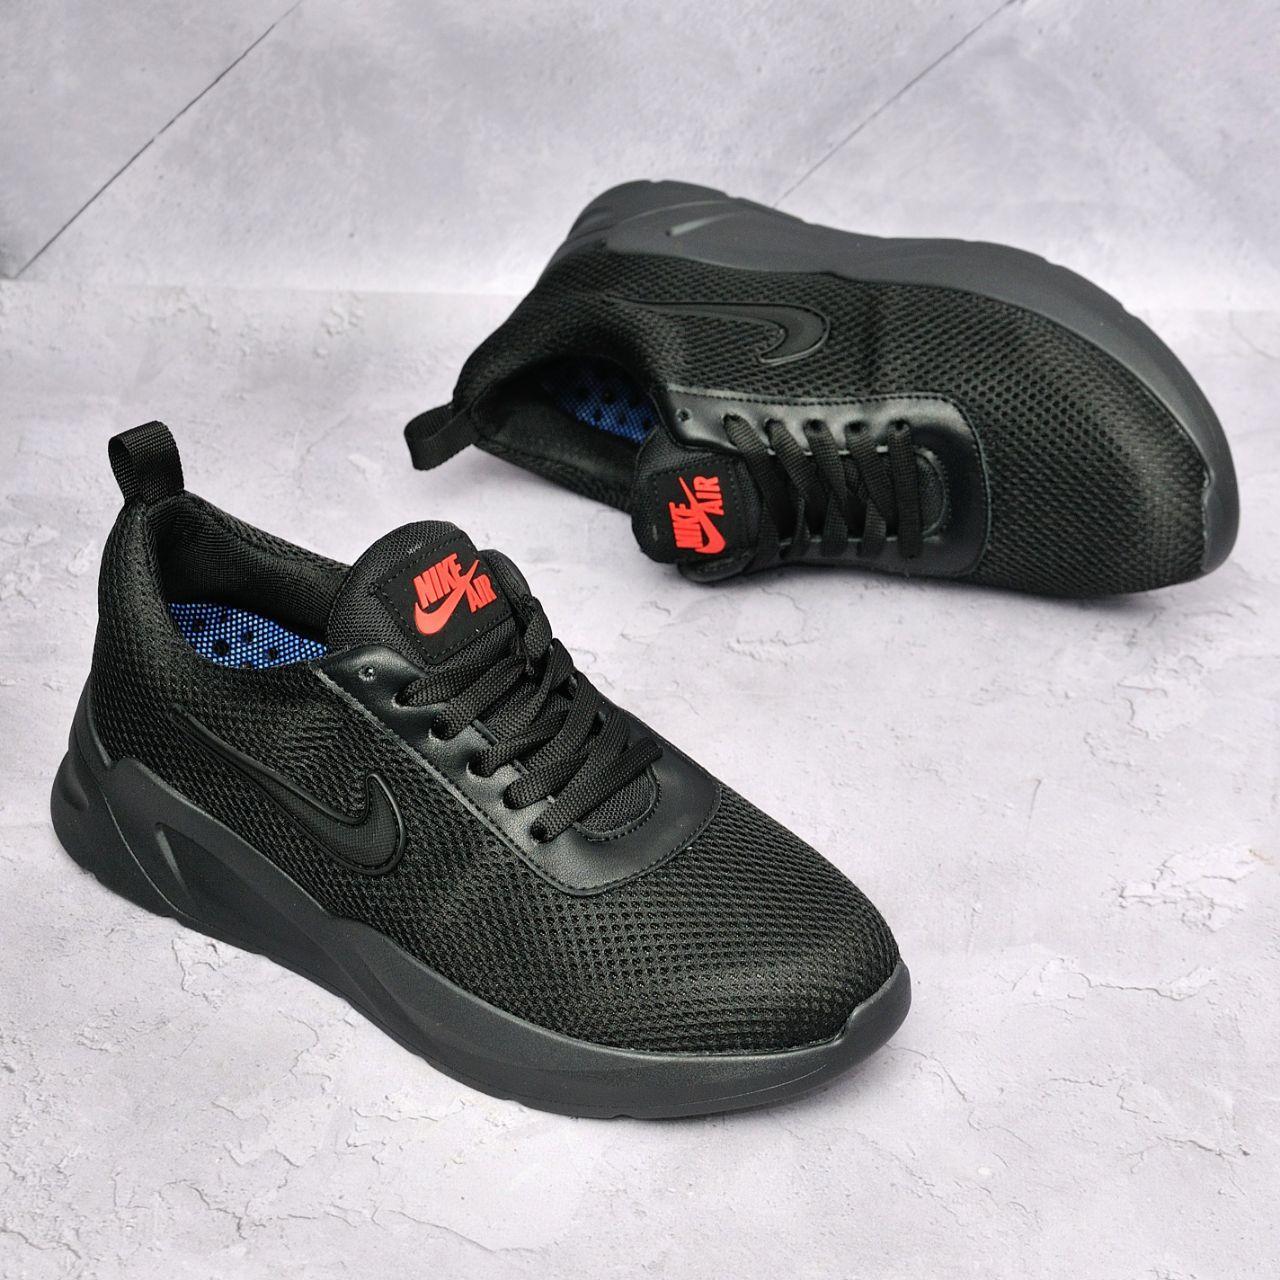 Чоловічі брендові чоловічі кросівки. Верх - високоякісна сітка. Легчайшая підошва поліуретан.